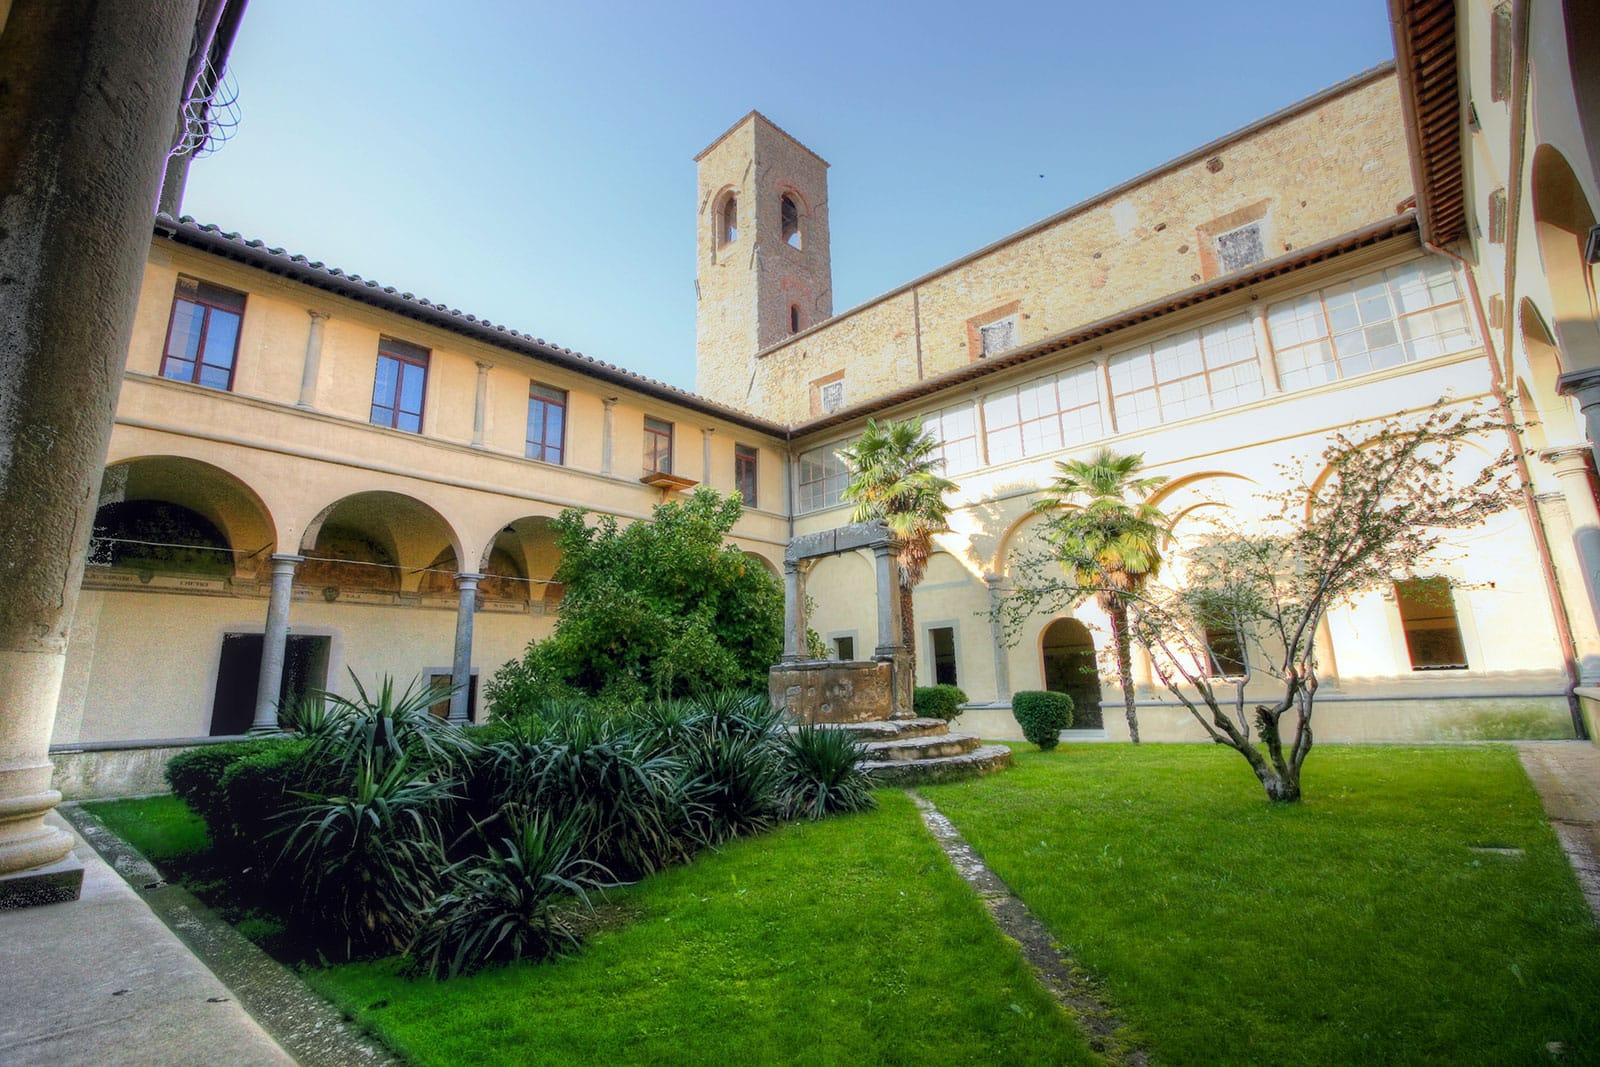 Chiesa di Sant'Agostino, Cortona